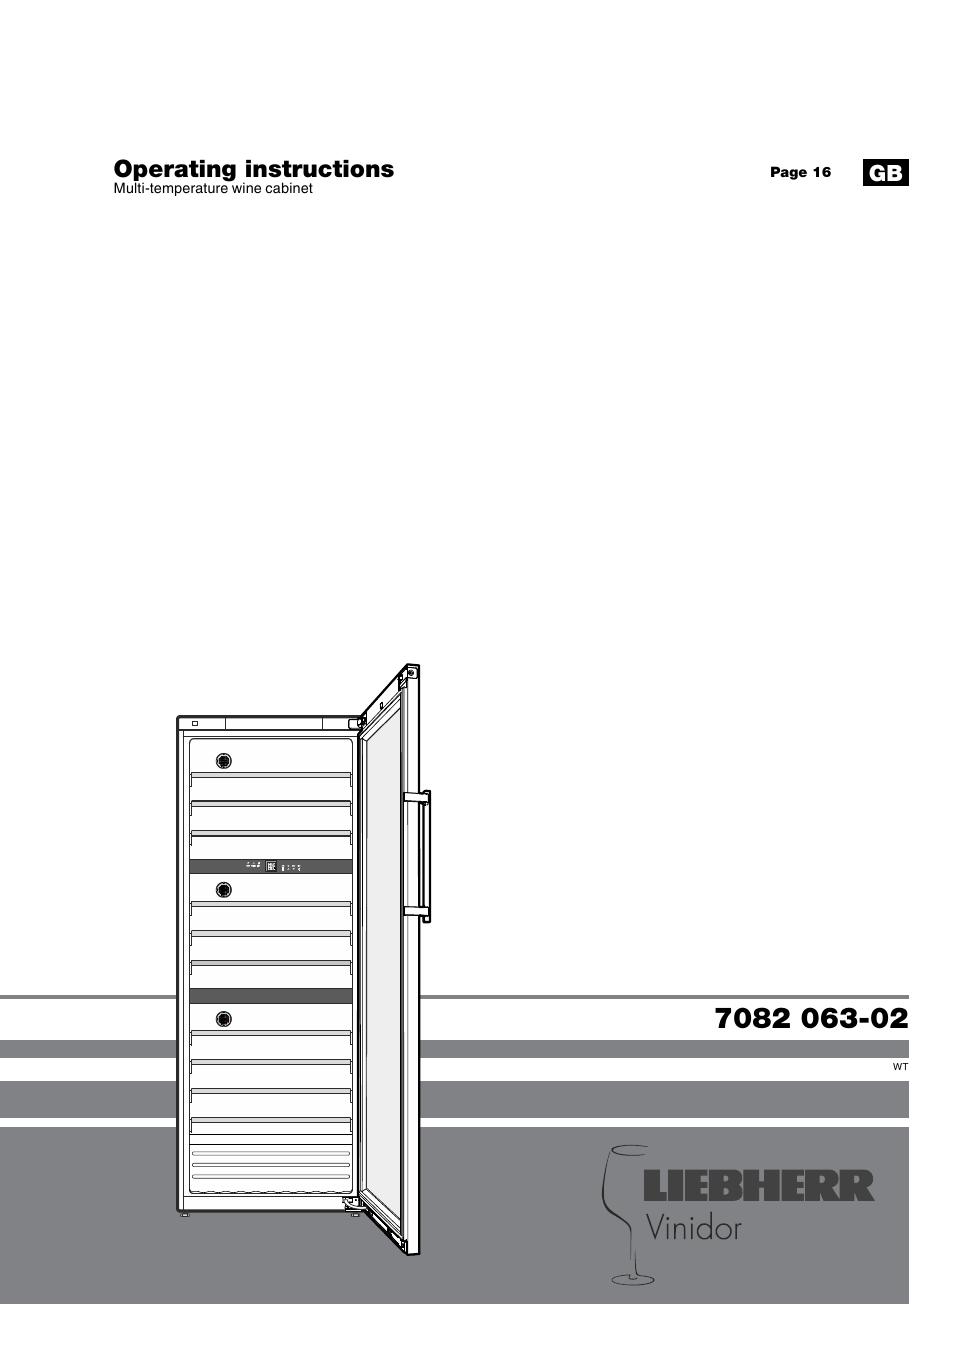 liebherr wtes 5872 vinidor user manual 15 pages. Black Bedroom Furniture Sets. Home Design Ideas